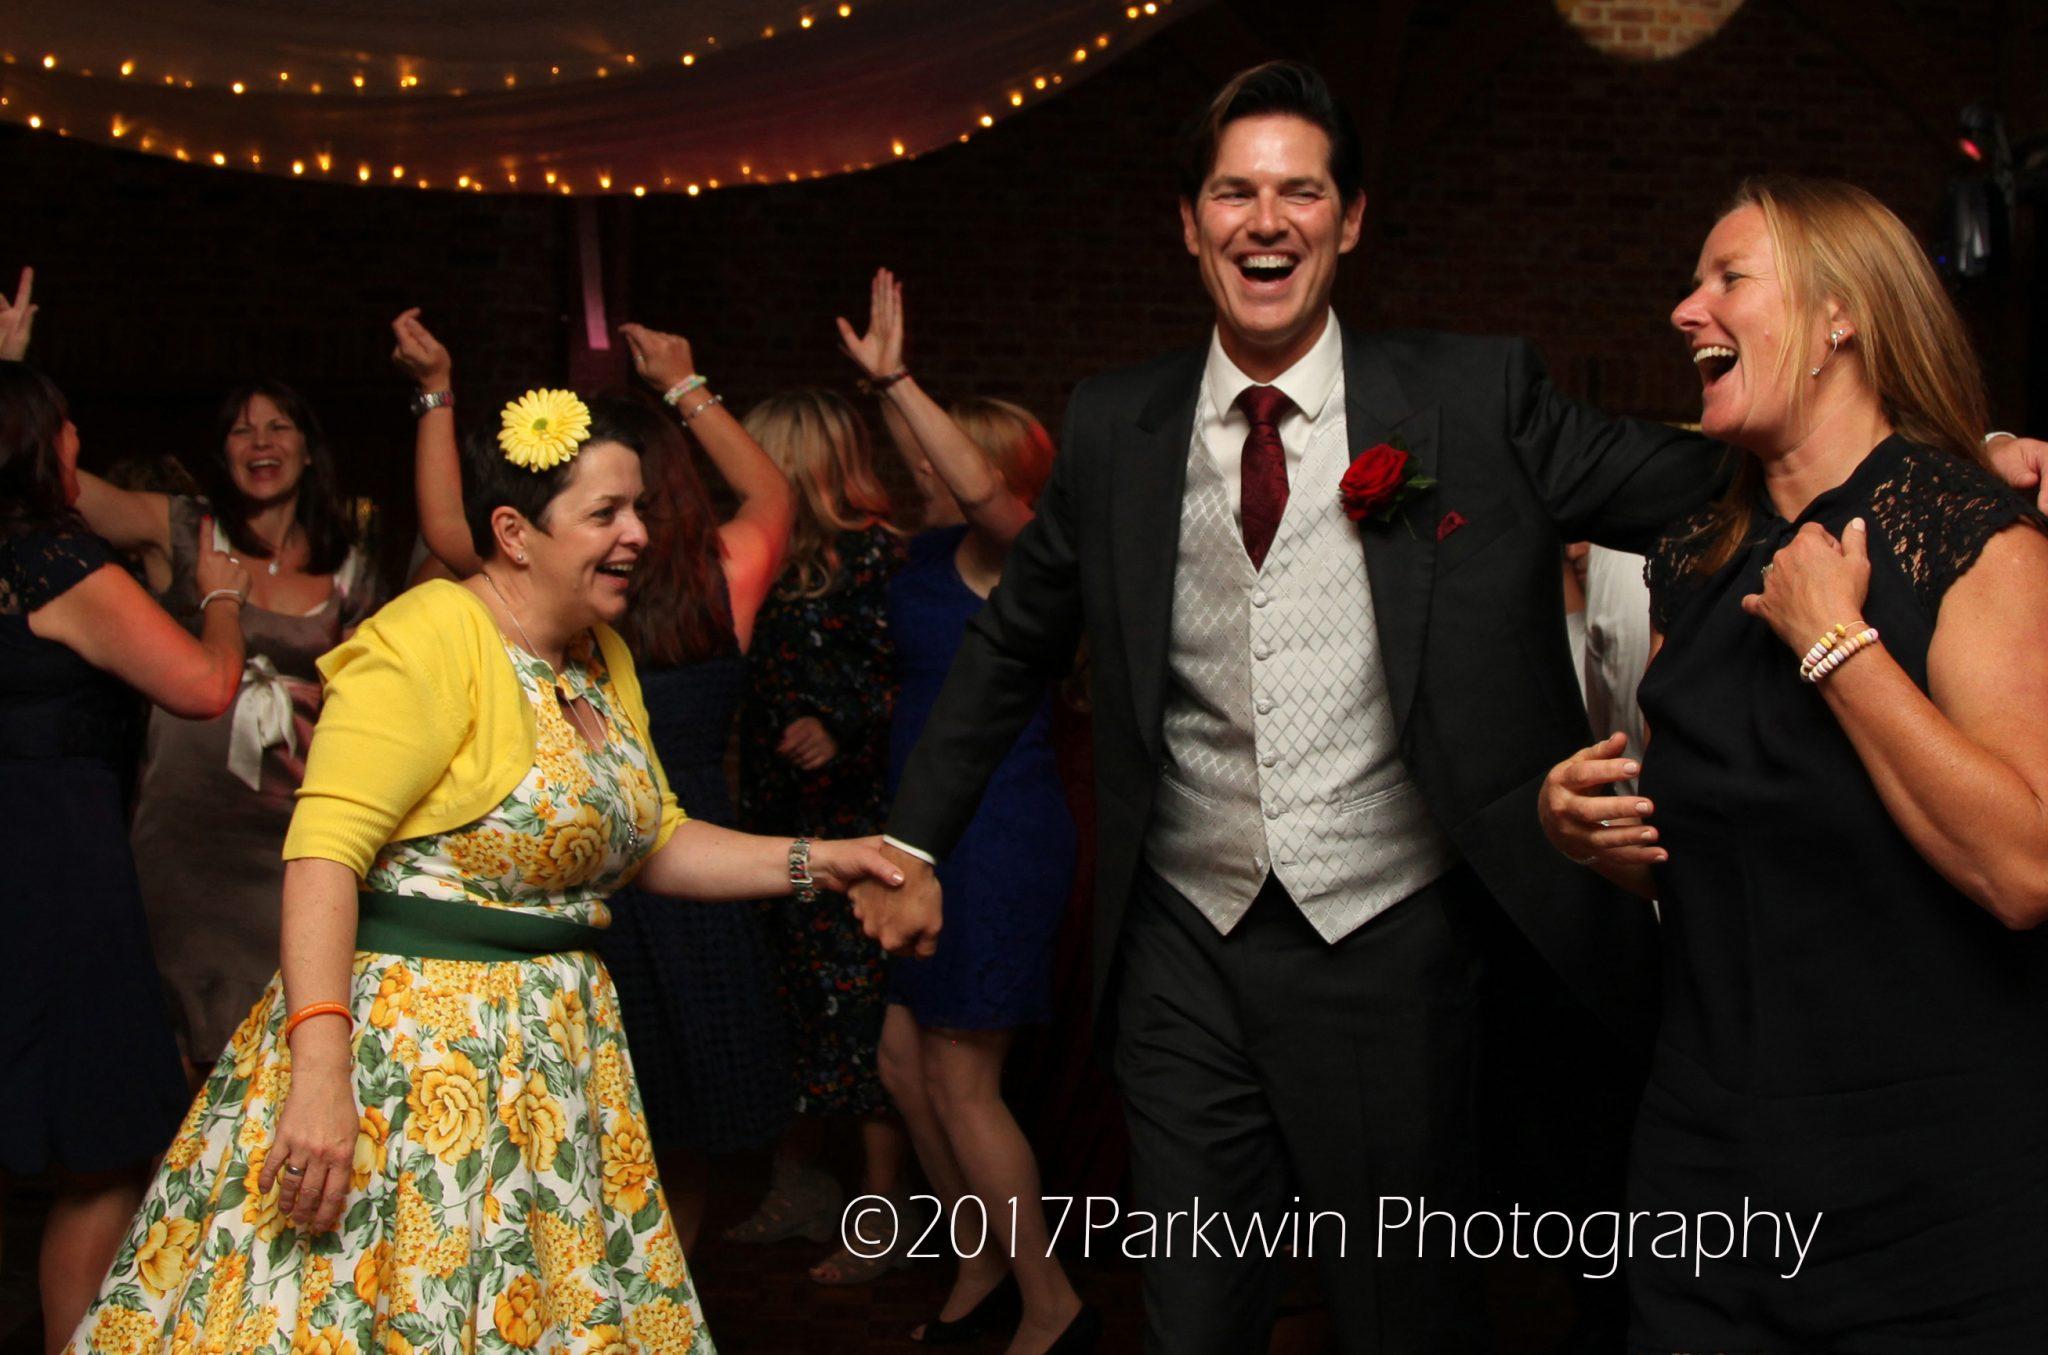 Guests dancing at brocket Hall